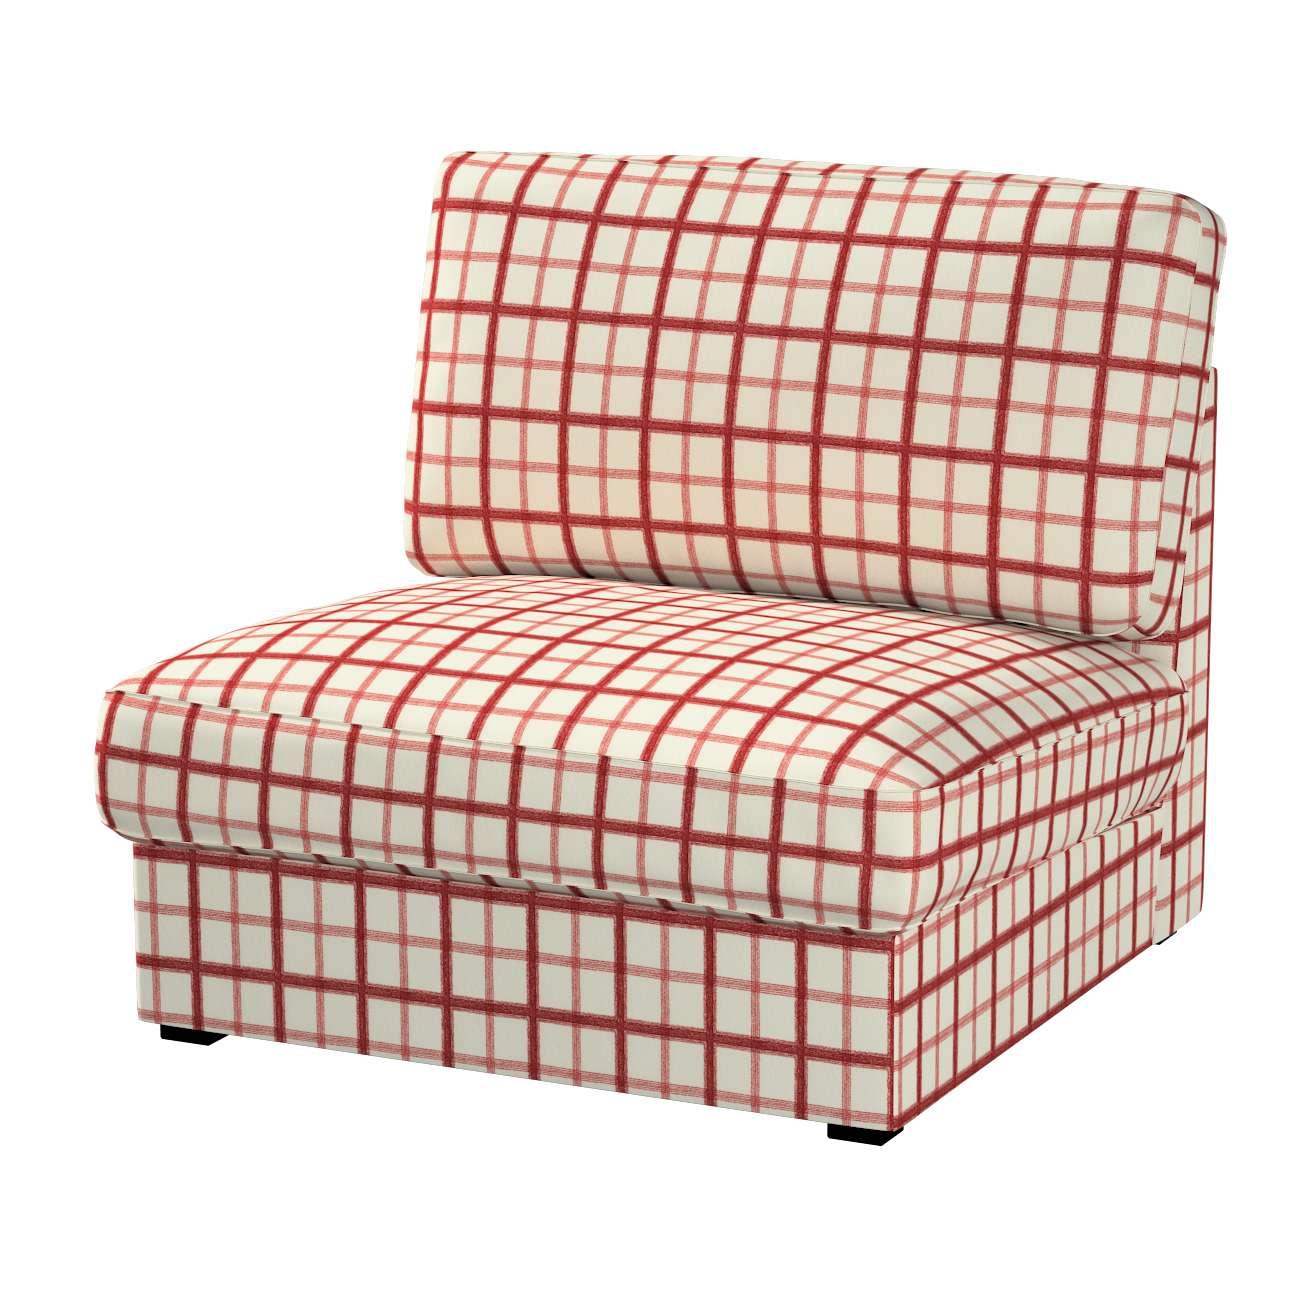 KIVIK fotelio/vienvietės dalies užvalkalas Kivik armchair kolekcijoje Avinon, audinys: 131-15